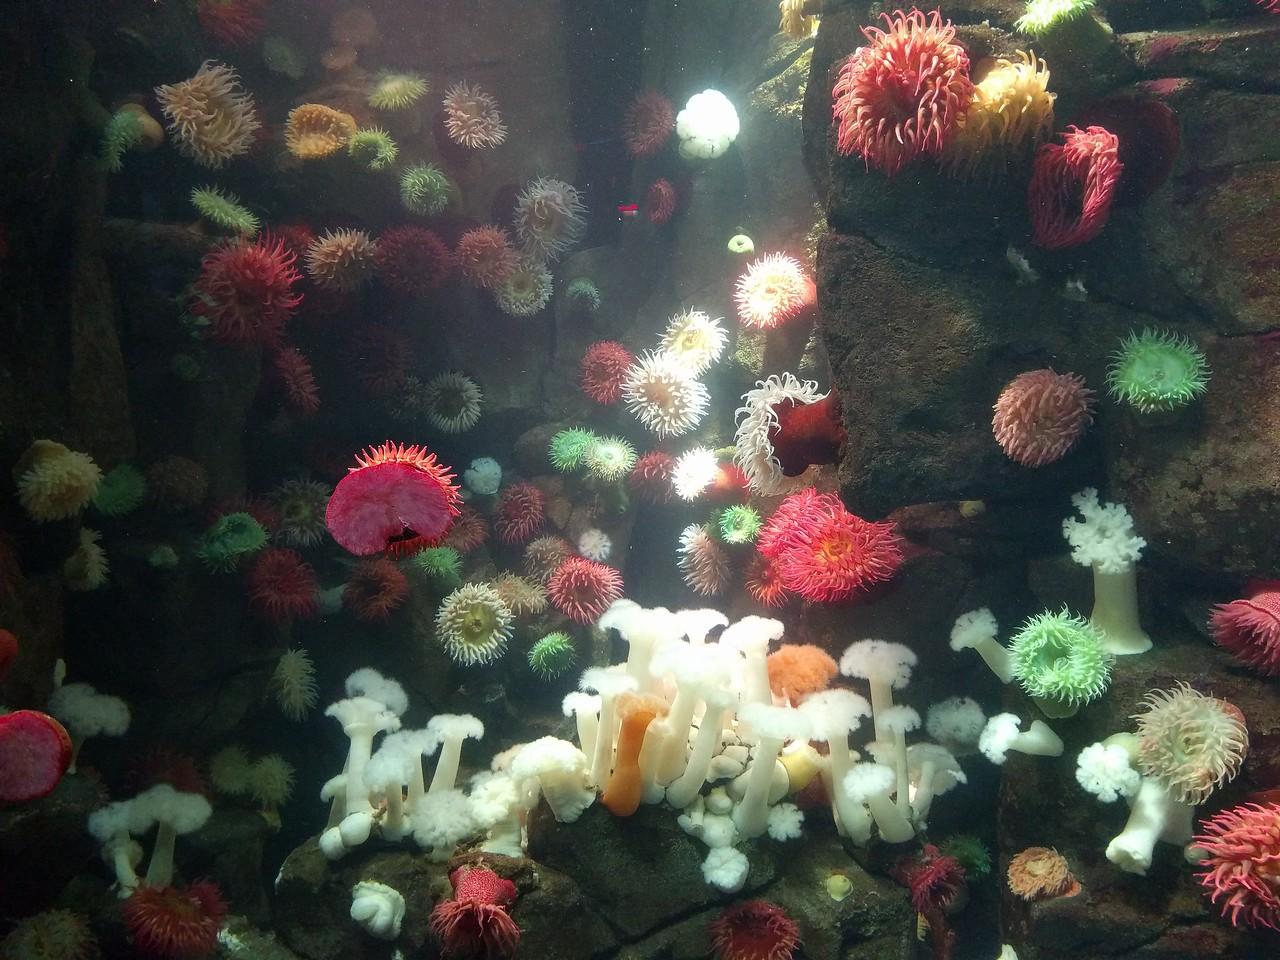 033 - Toronto - Aquarium - Sea Anemones